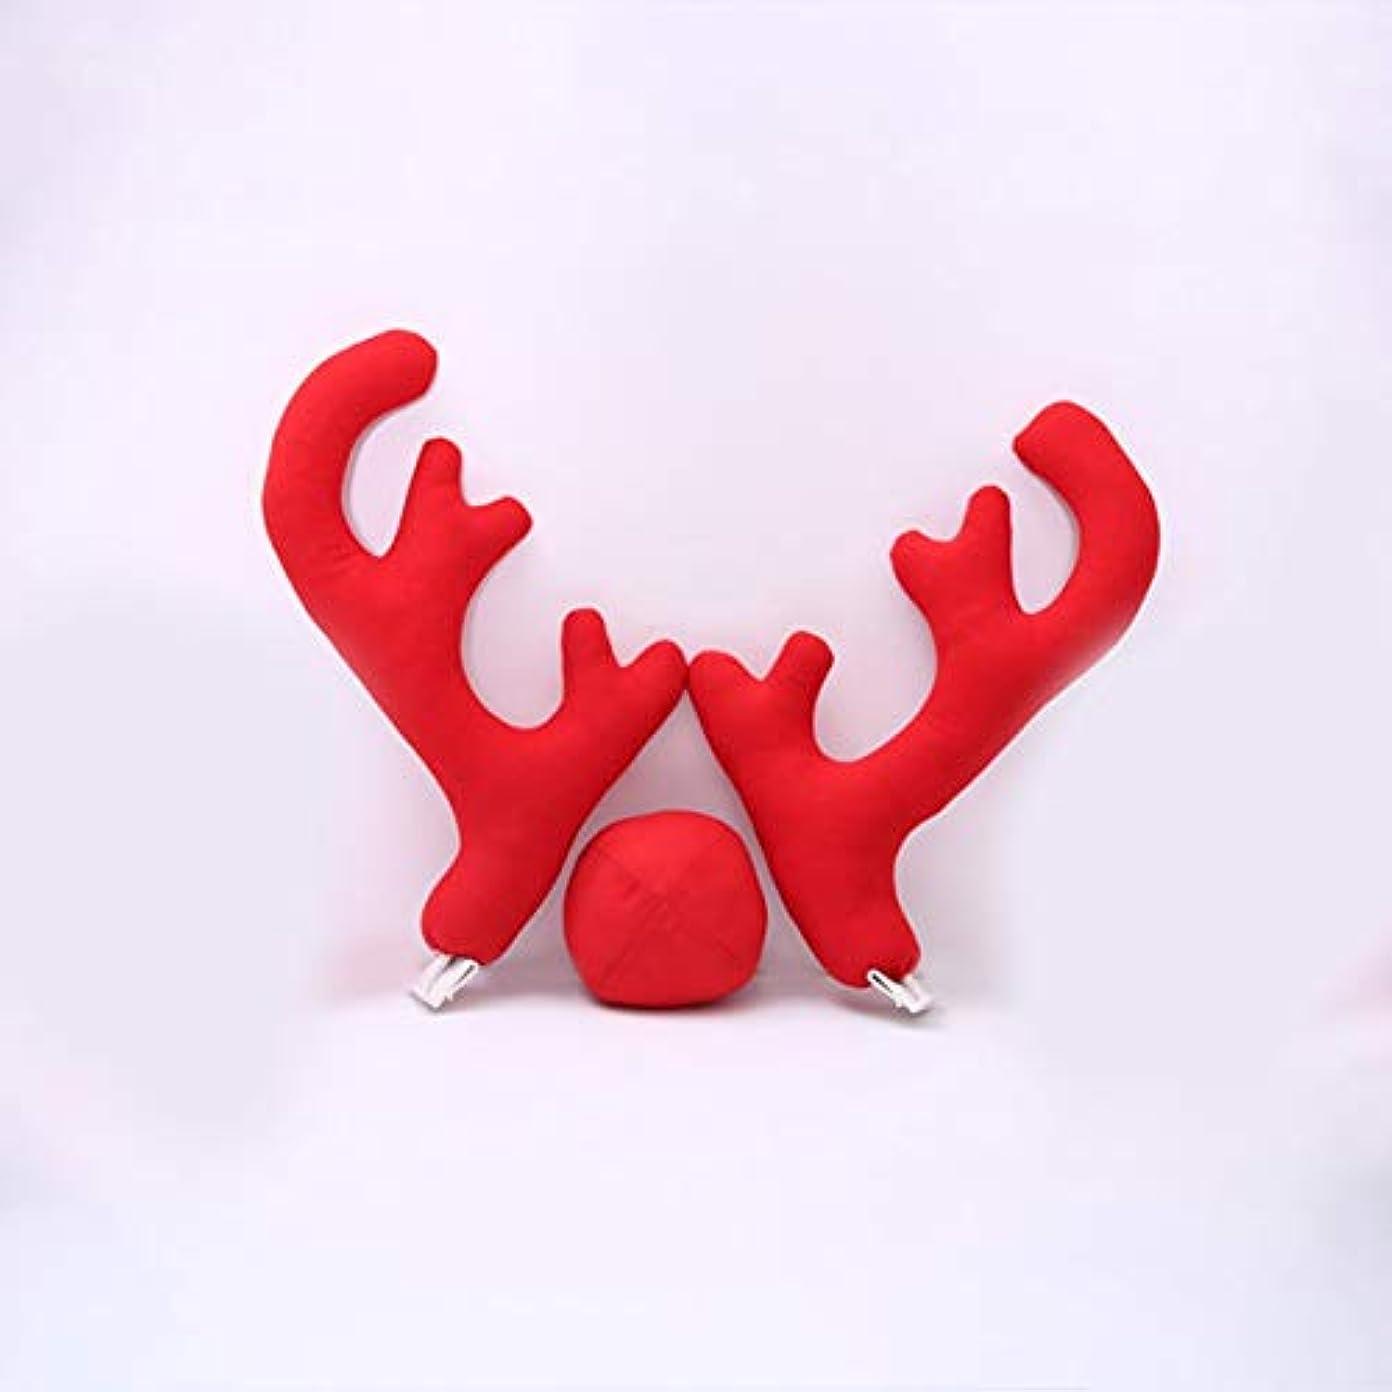 かわす連合吐くSaikogoods 2アントラーズ1枚のトナカイ鼻2 Mirrowカバーで新しいデザインクリエイティブクリスマスオートカーコスチュームの装飾フルセット 赤